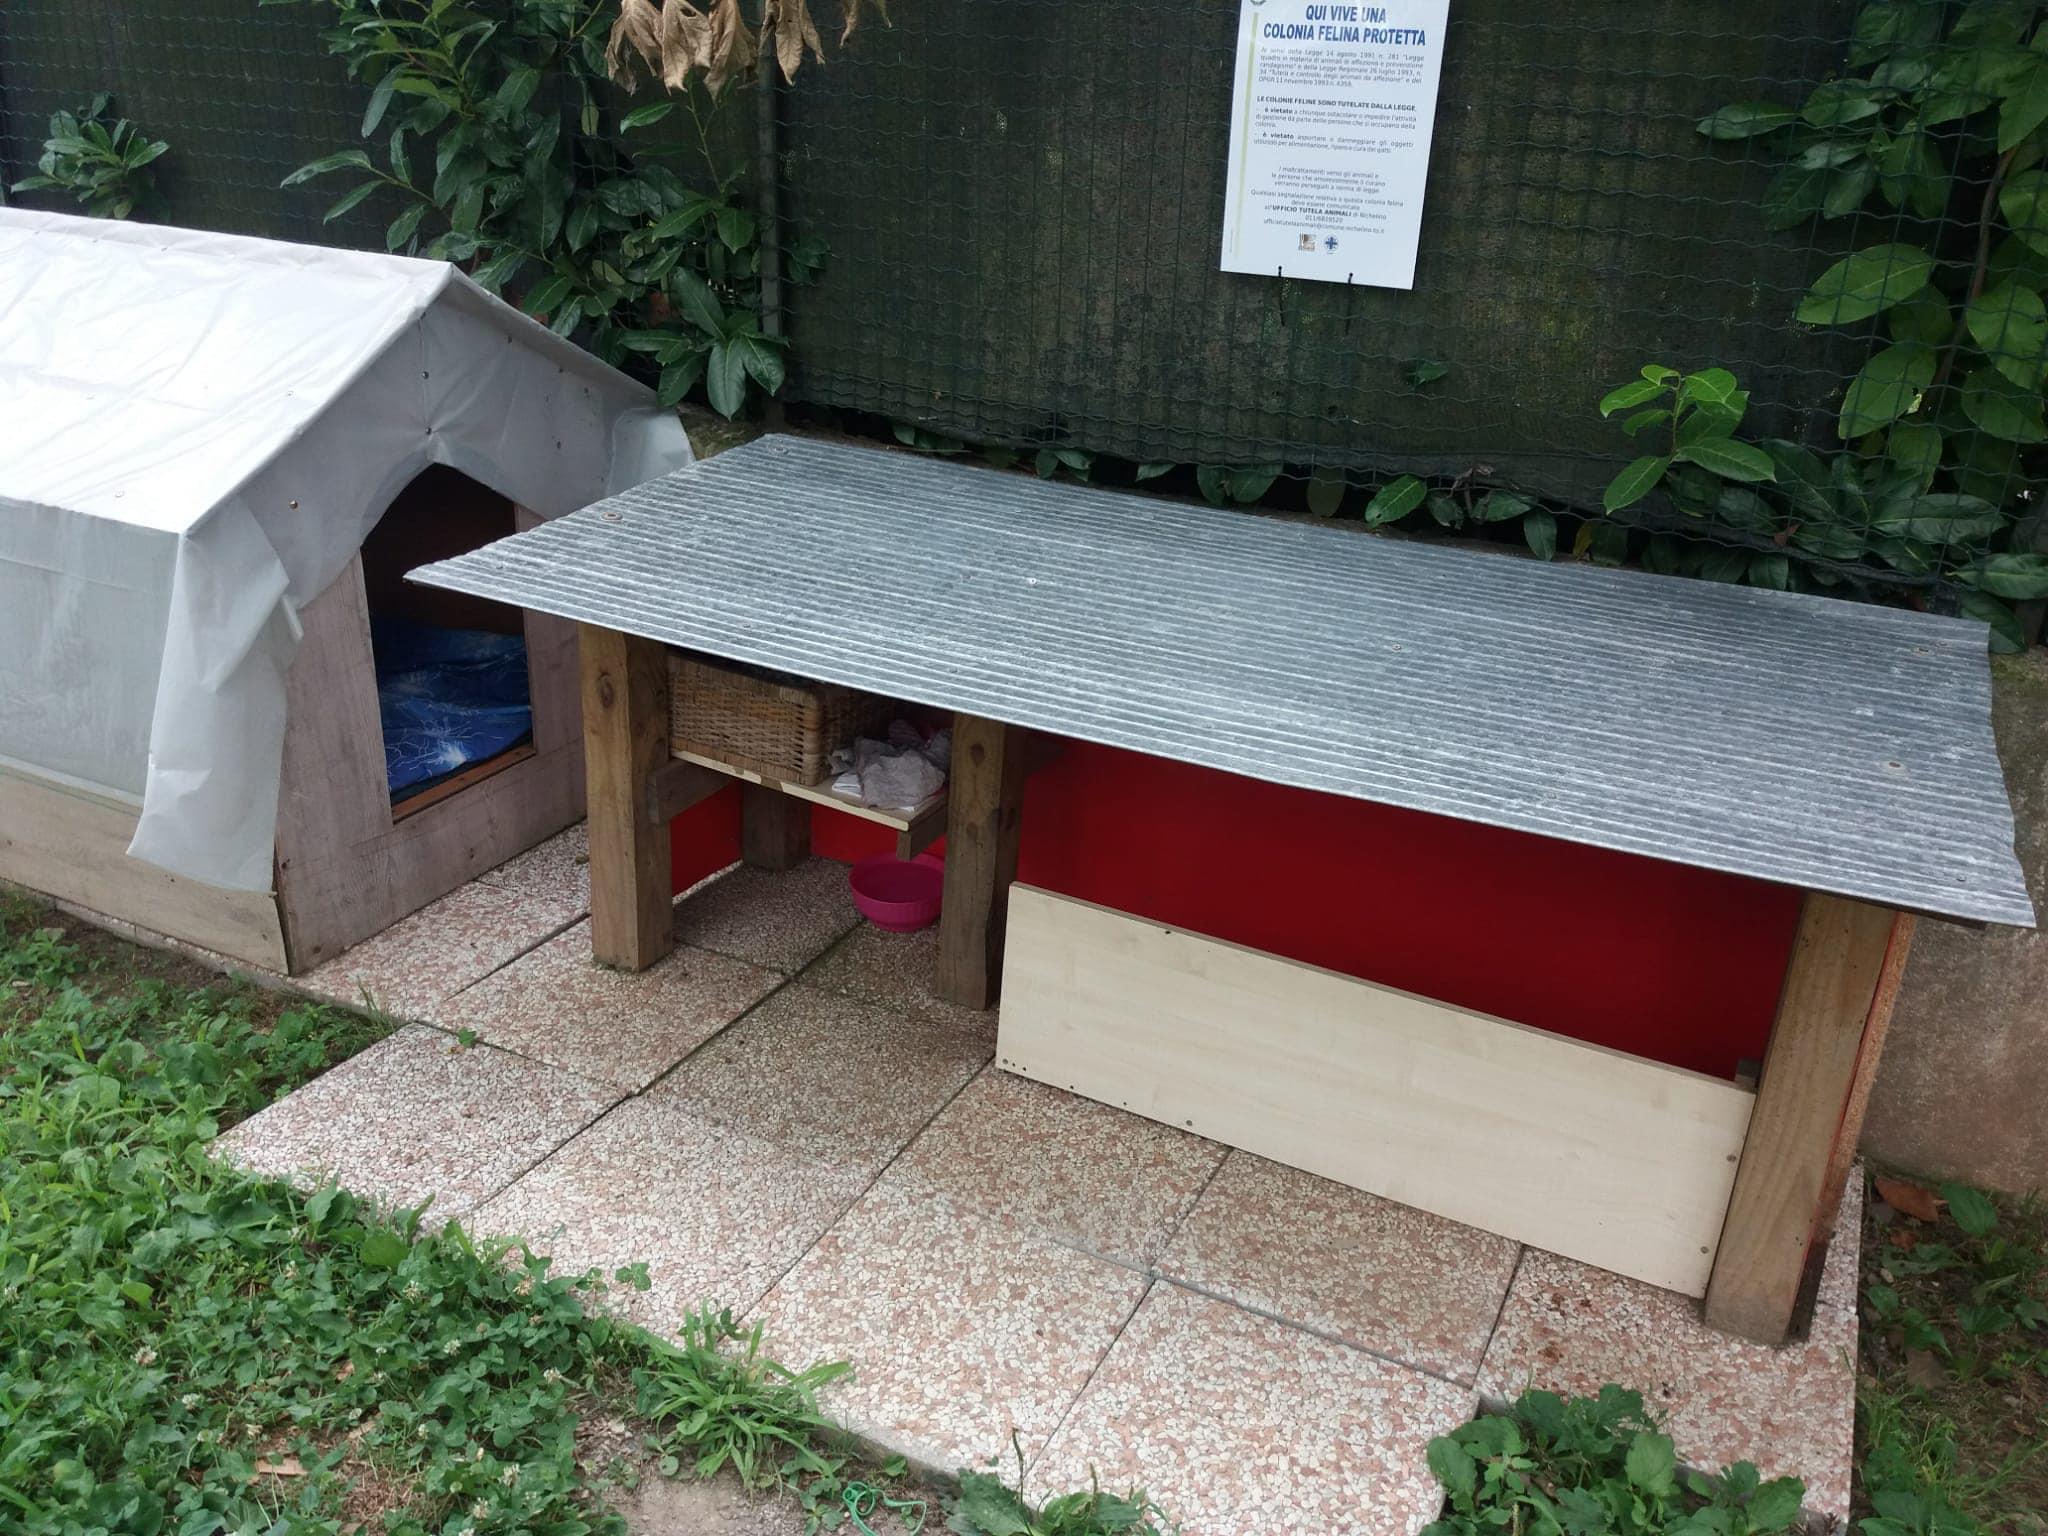 NICHELINO – Le colonie feline hanno i cartelli di segnalazione